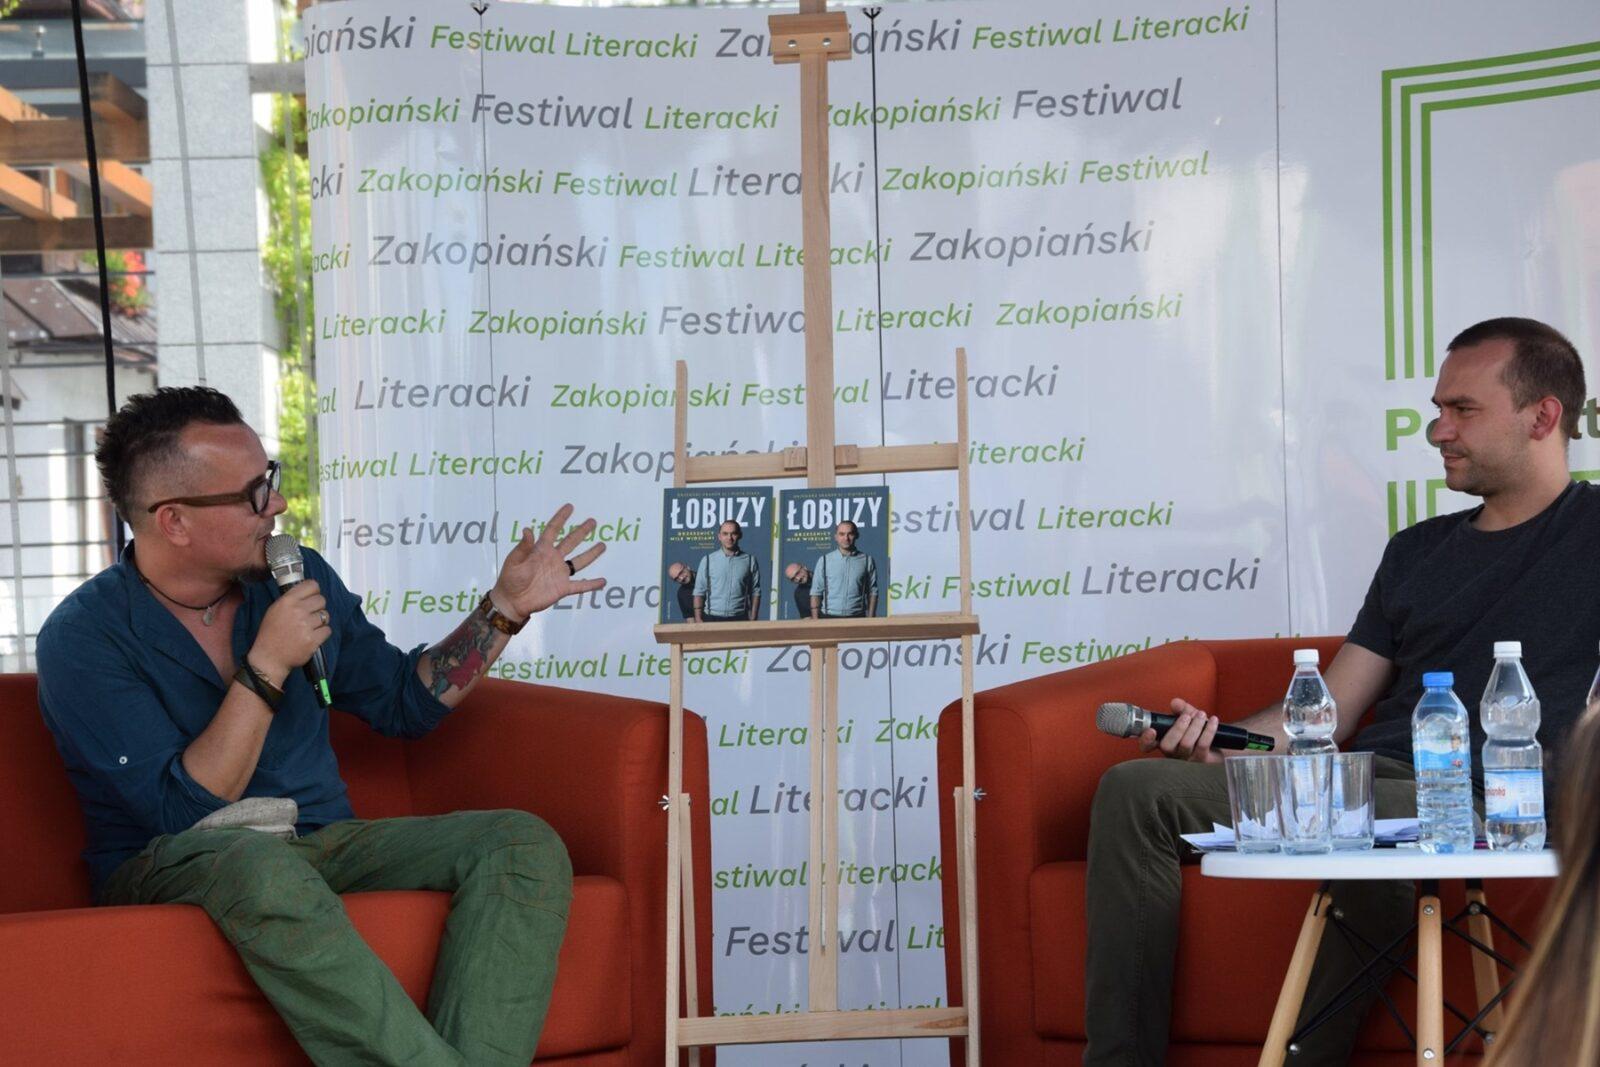 Święto Książki czyli Zakopiański Festiwal Literacki 2021